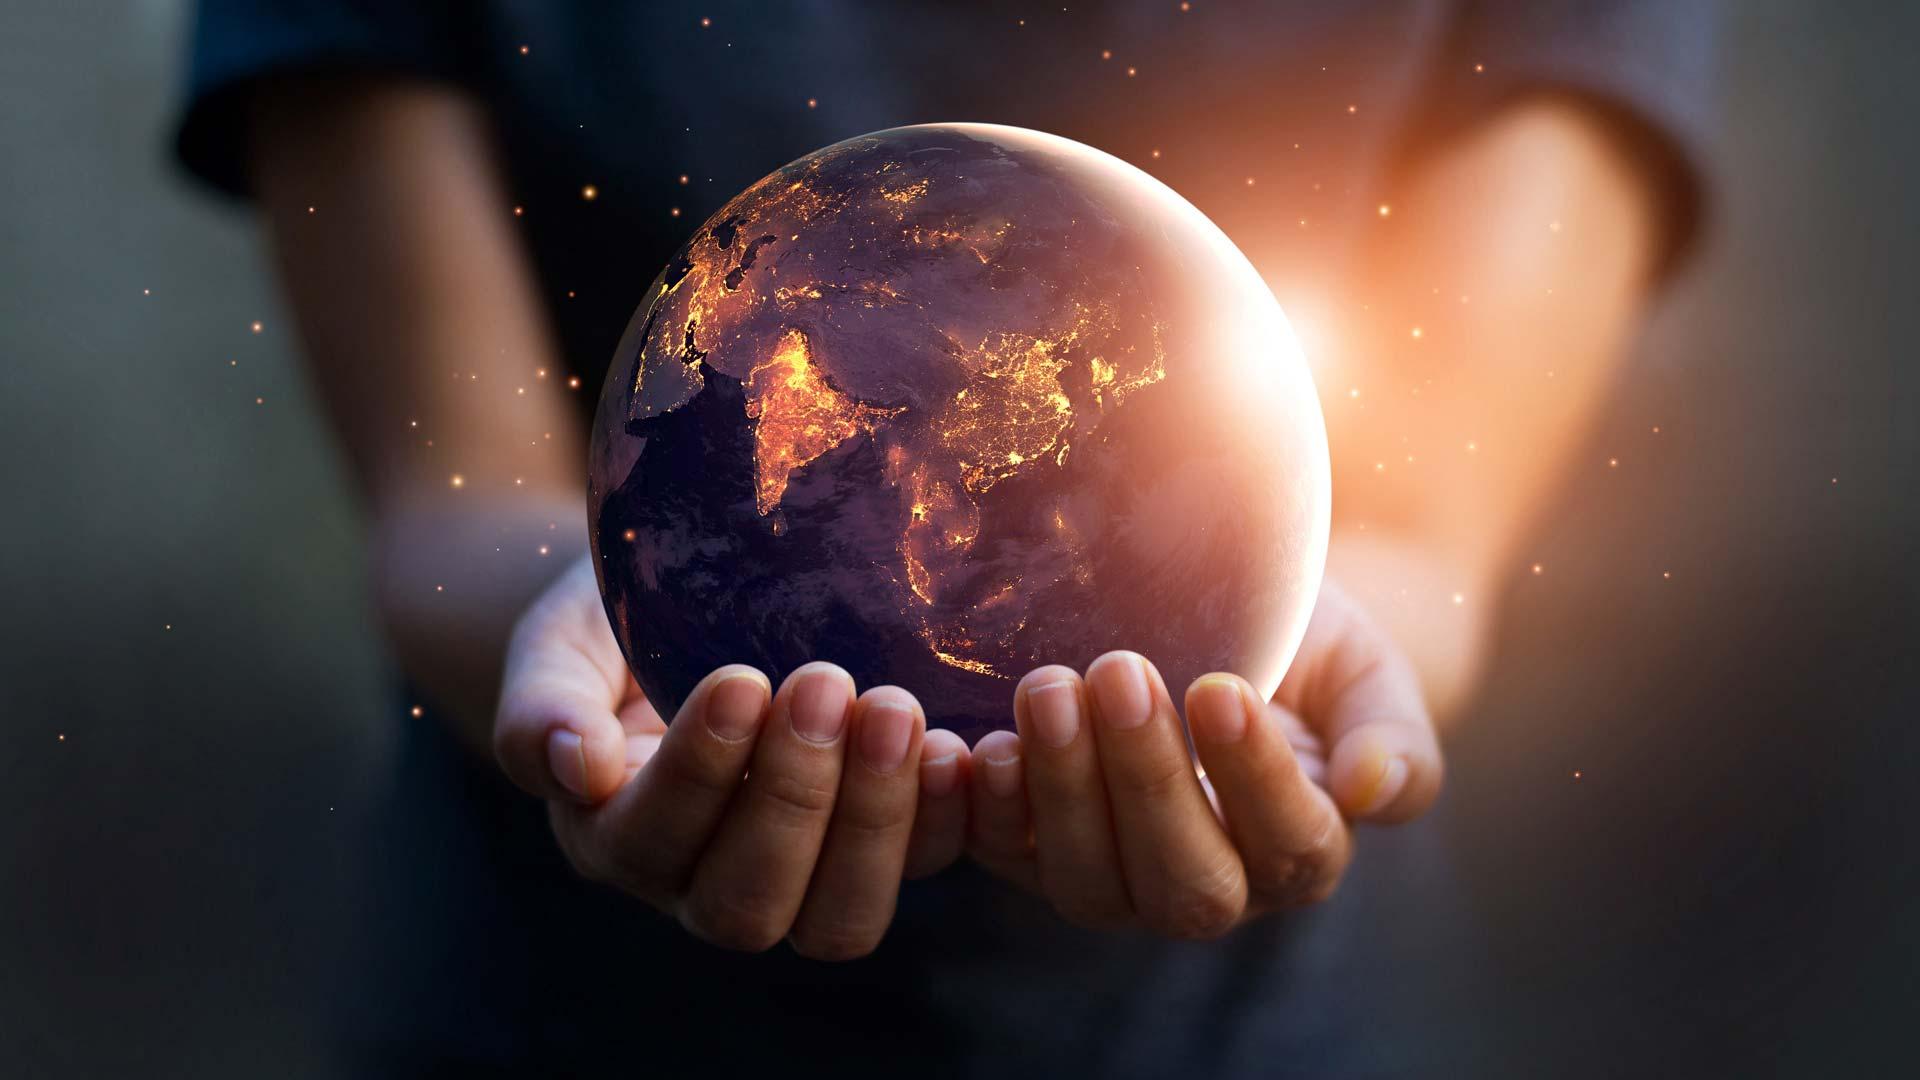 Cultura, tecnologia e piccoli gesti quotidiani per salvare il pianeta